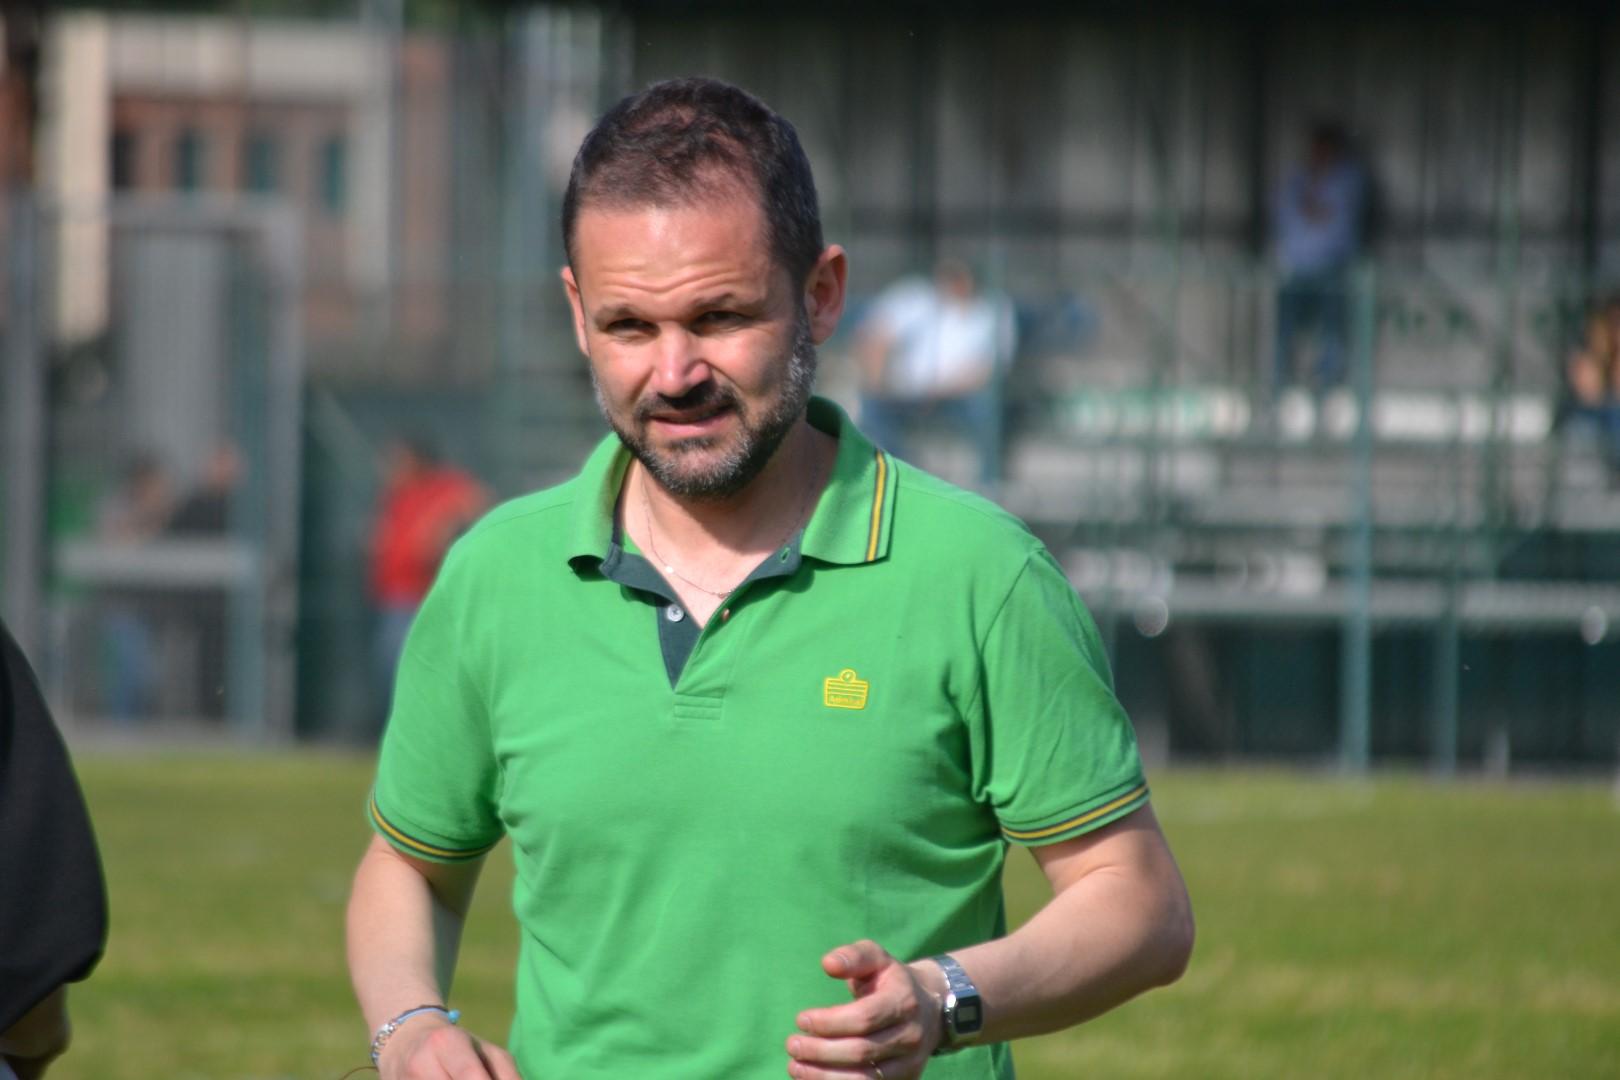 Roberto Caruso